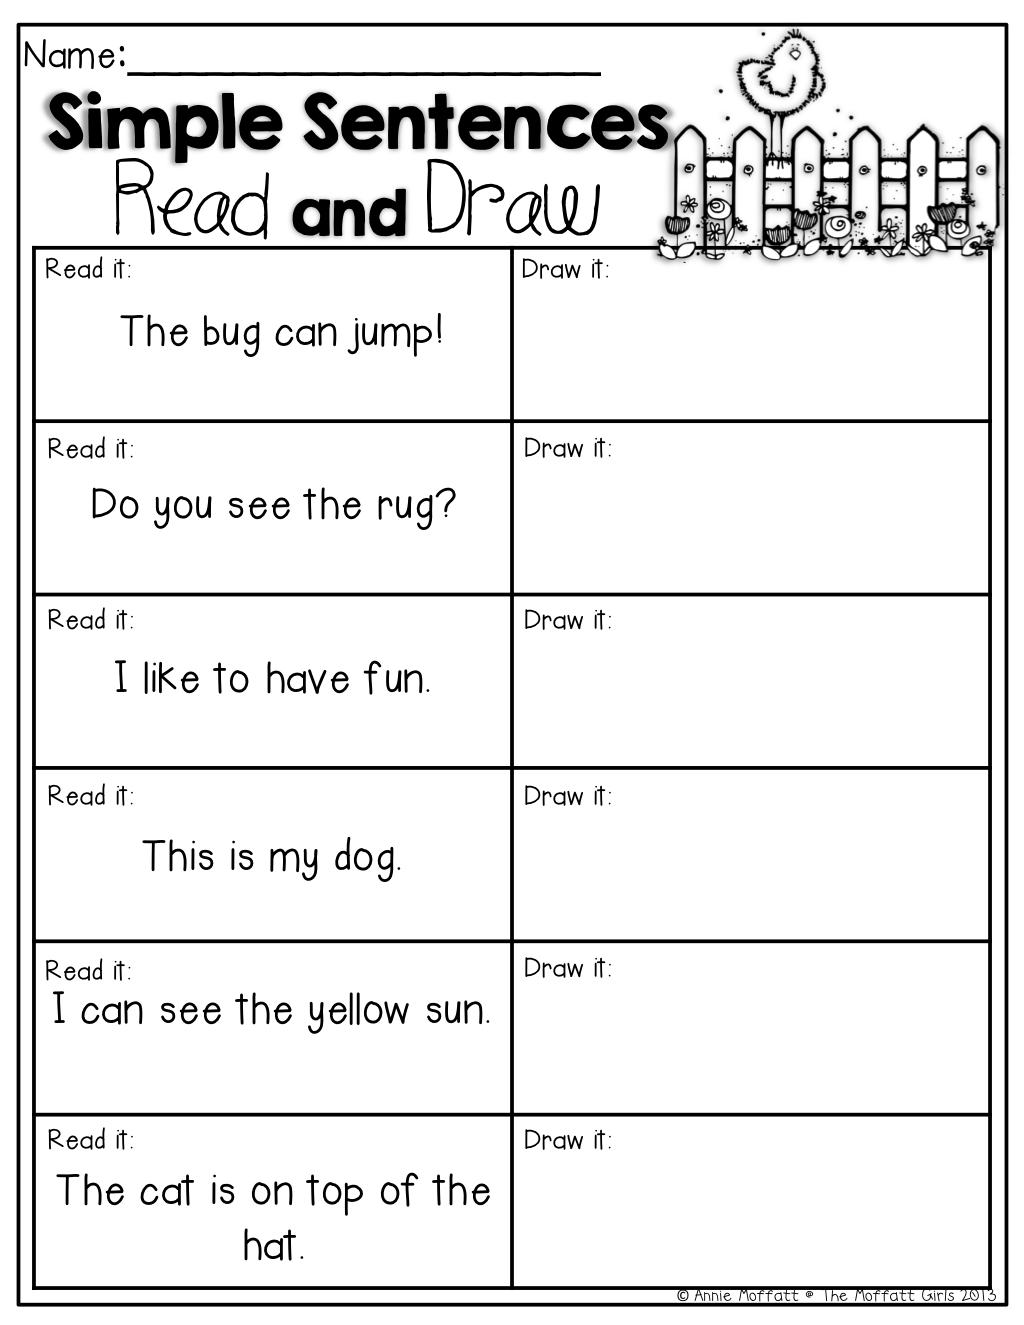 Workbooks simple reading worksheets : Simple Sentences (Read and Draw) Read the simple sentences and ...